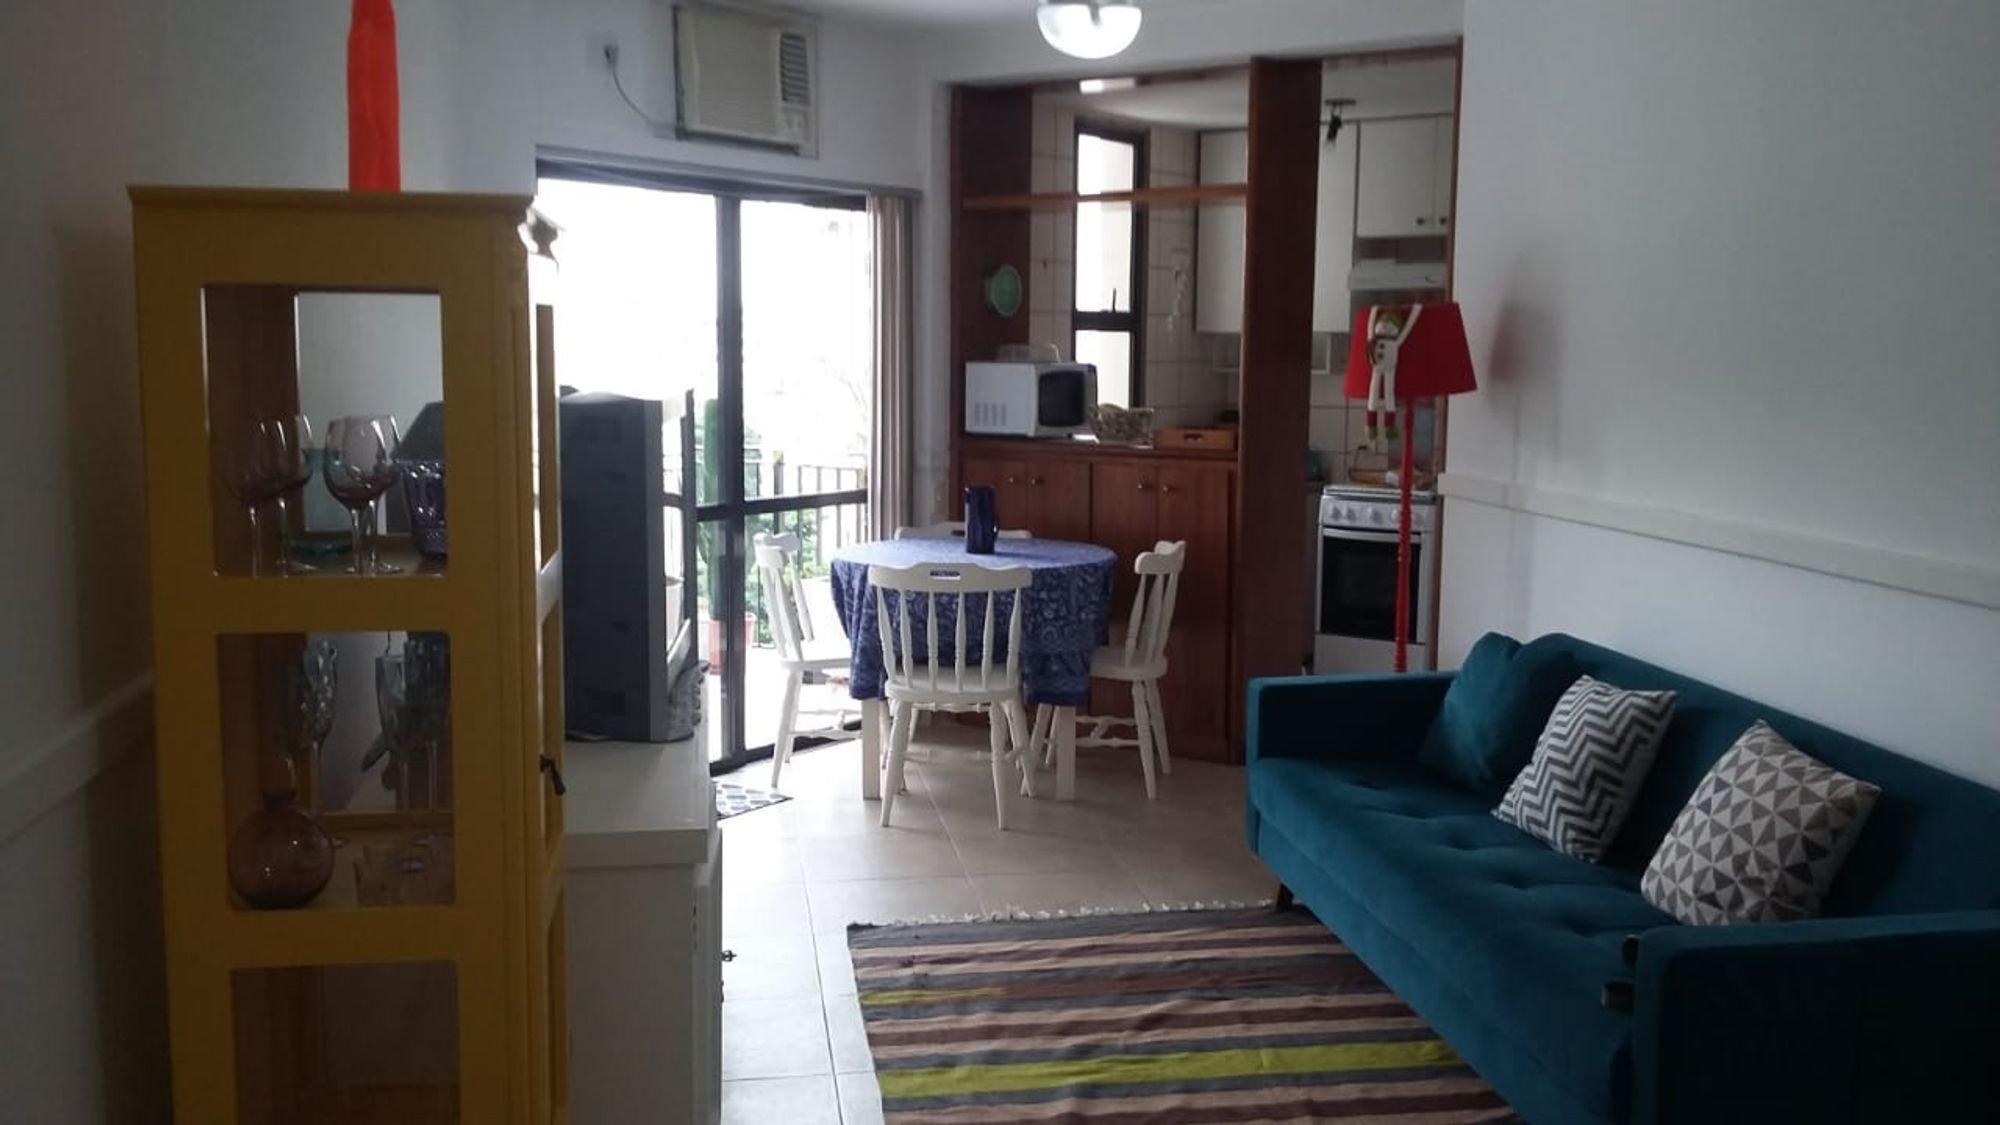 Foto de Sala com copo de vinho, sofá, cadeira, mesa de jantar